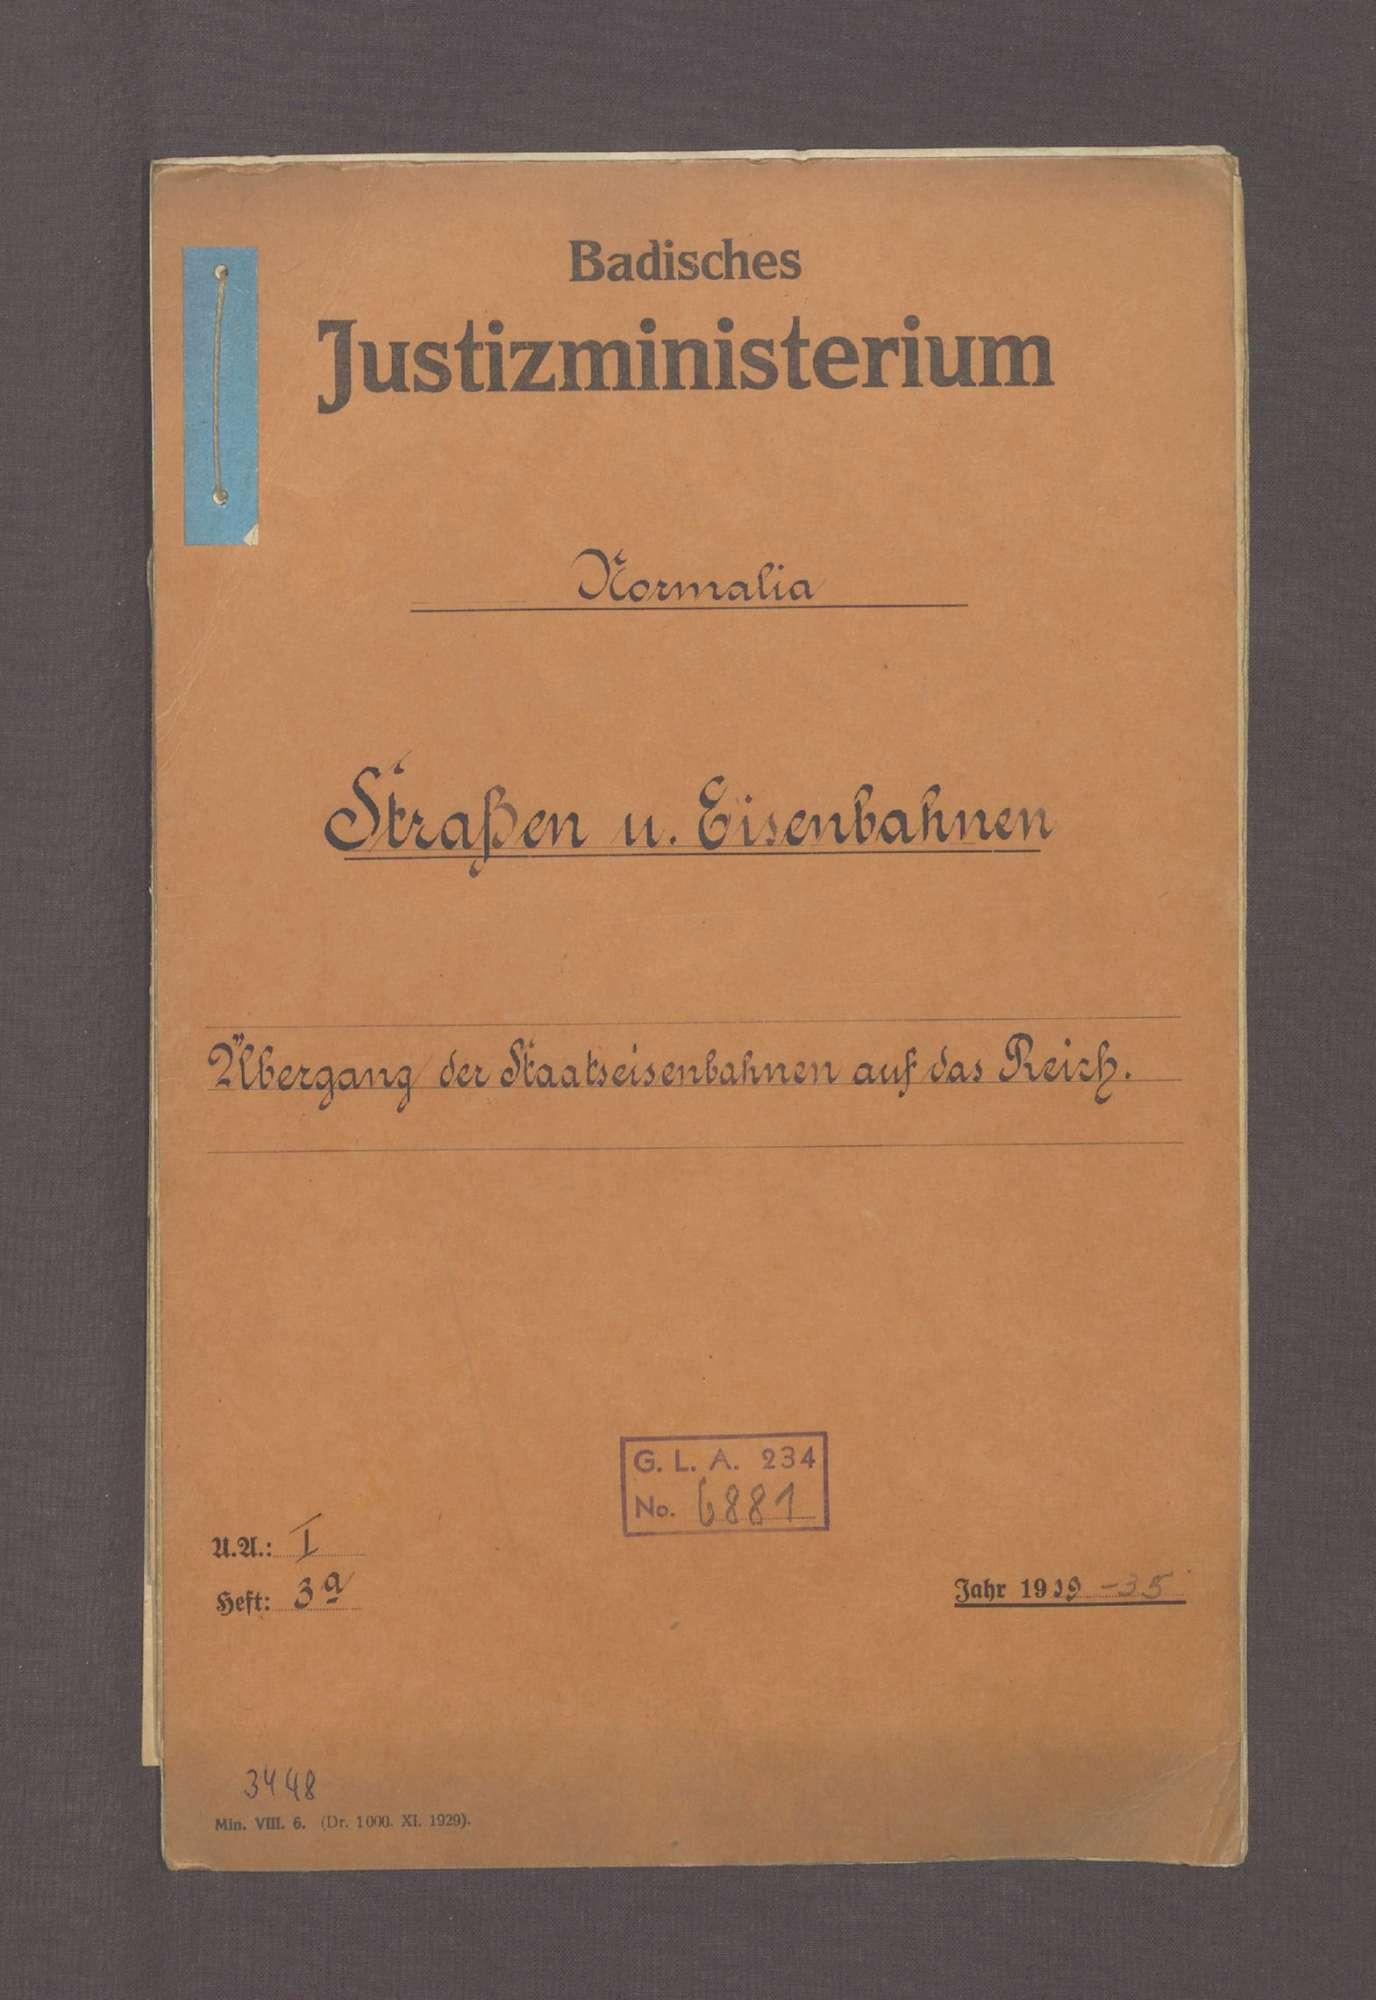 Übergang der Staatseisenbahnen auf das Reich (Normalia), Bild 1